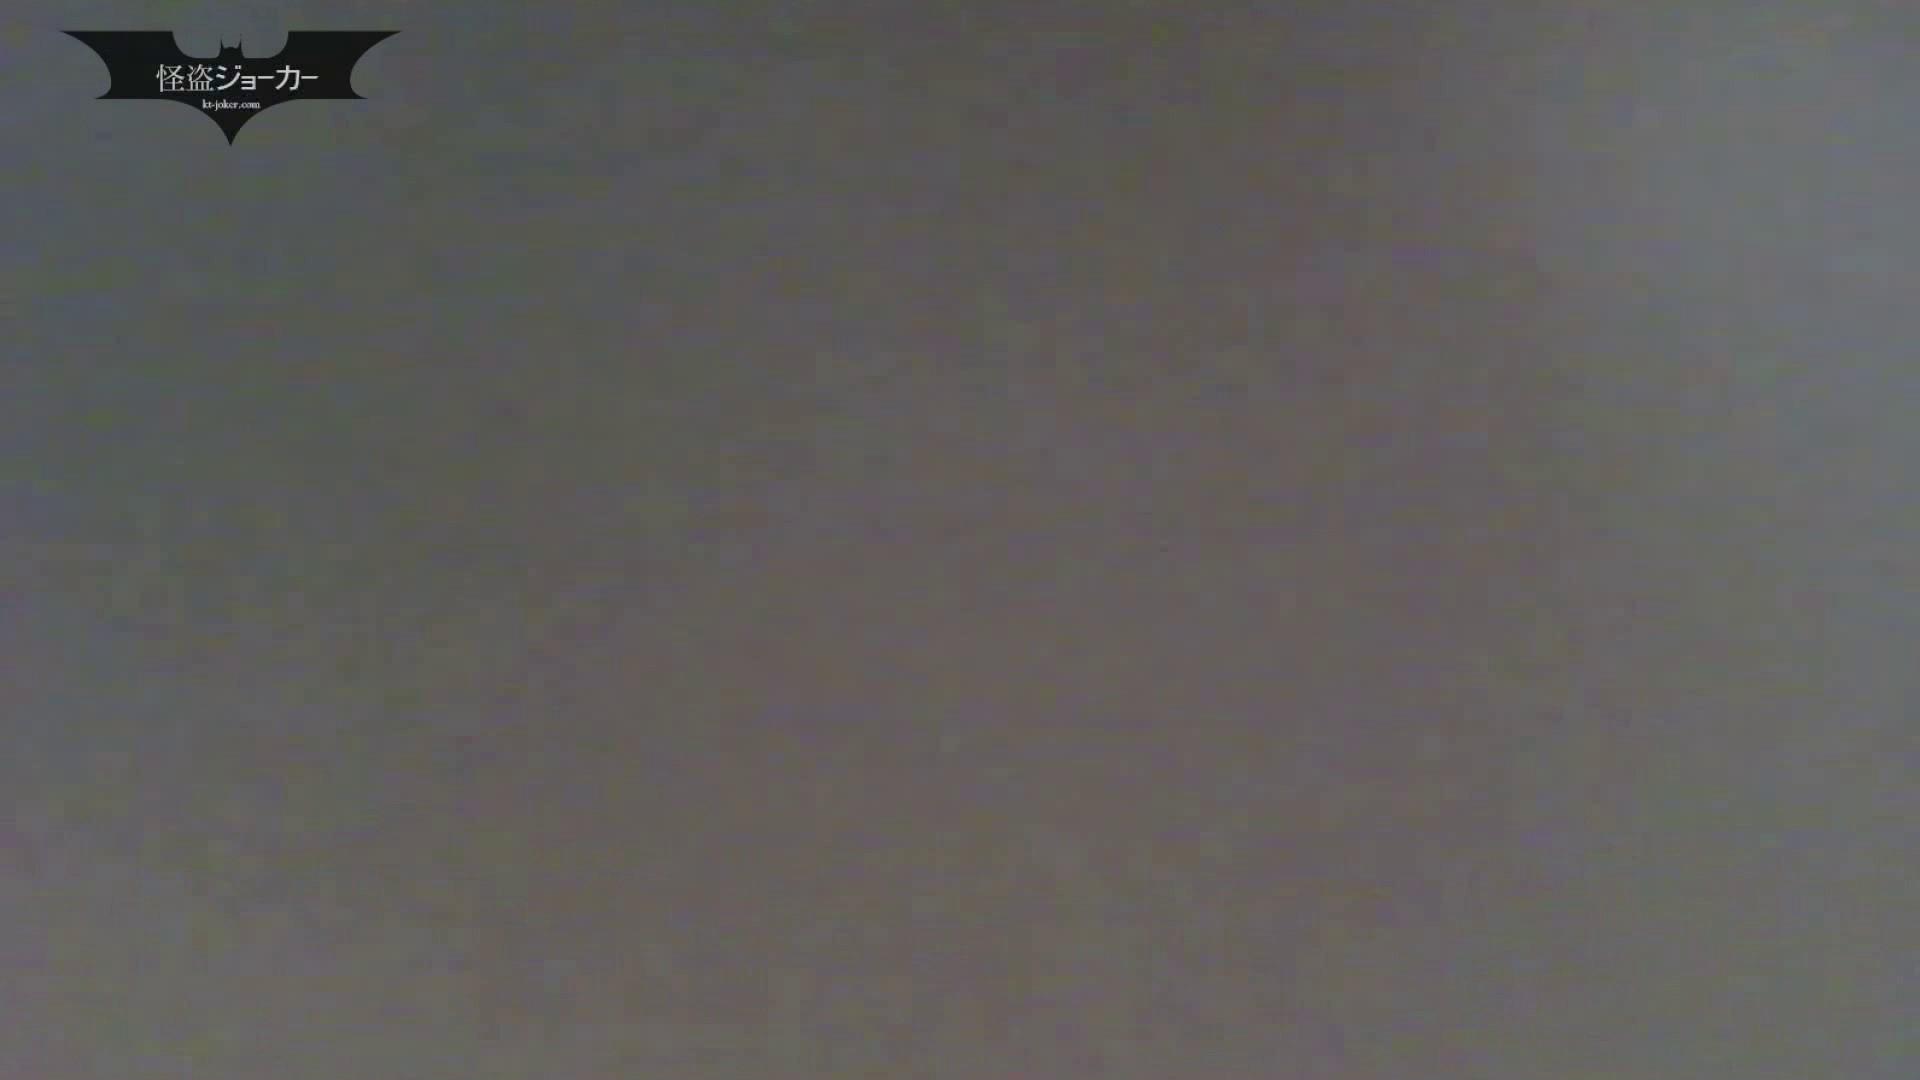 夏の思い出浜辺トイレ盗撮Vol.05 盗撮映像大放出 セックス画像 106連発 57